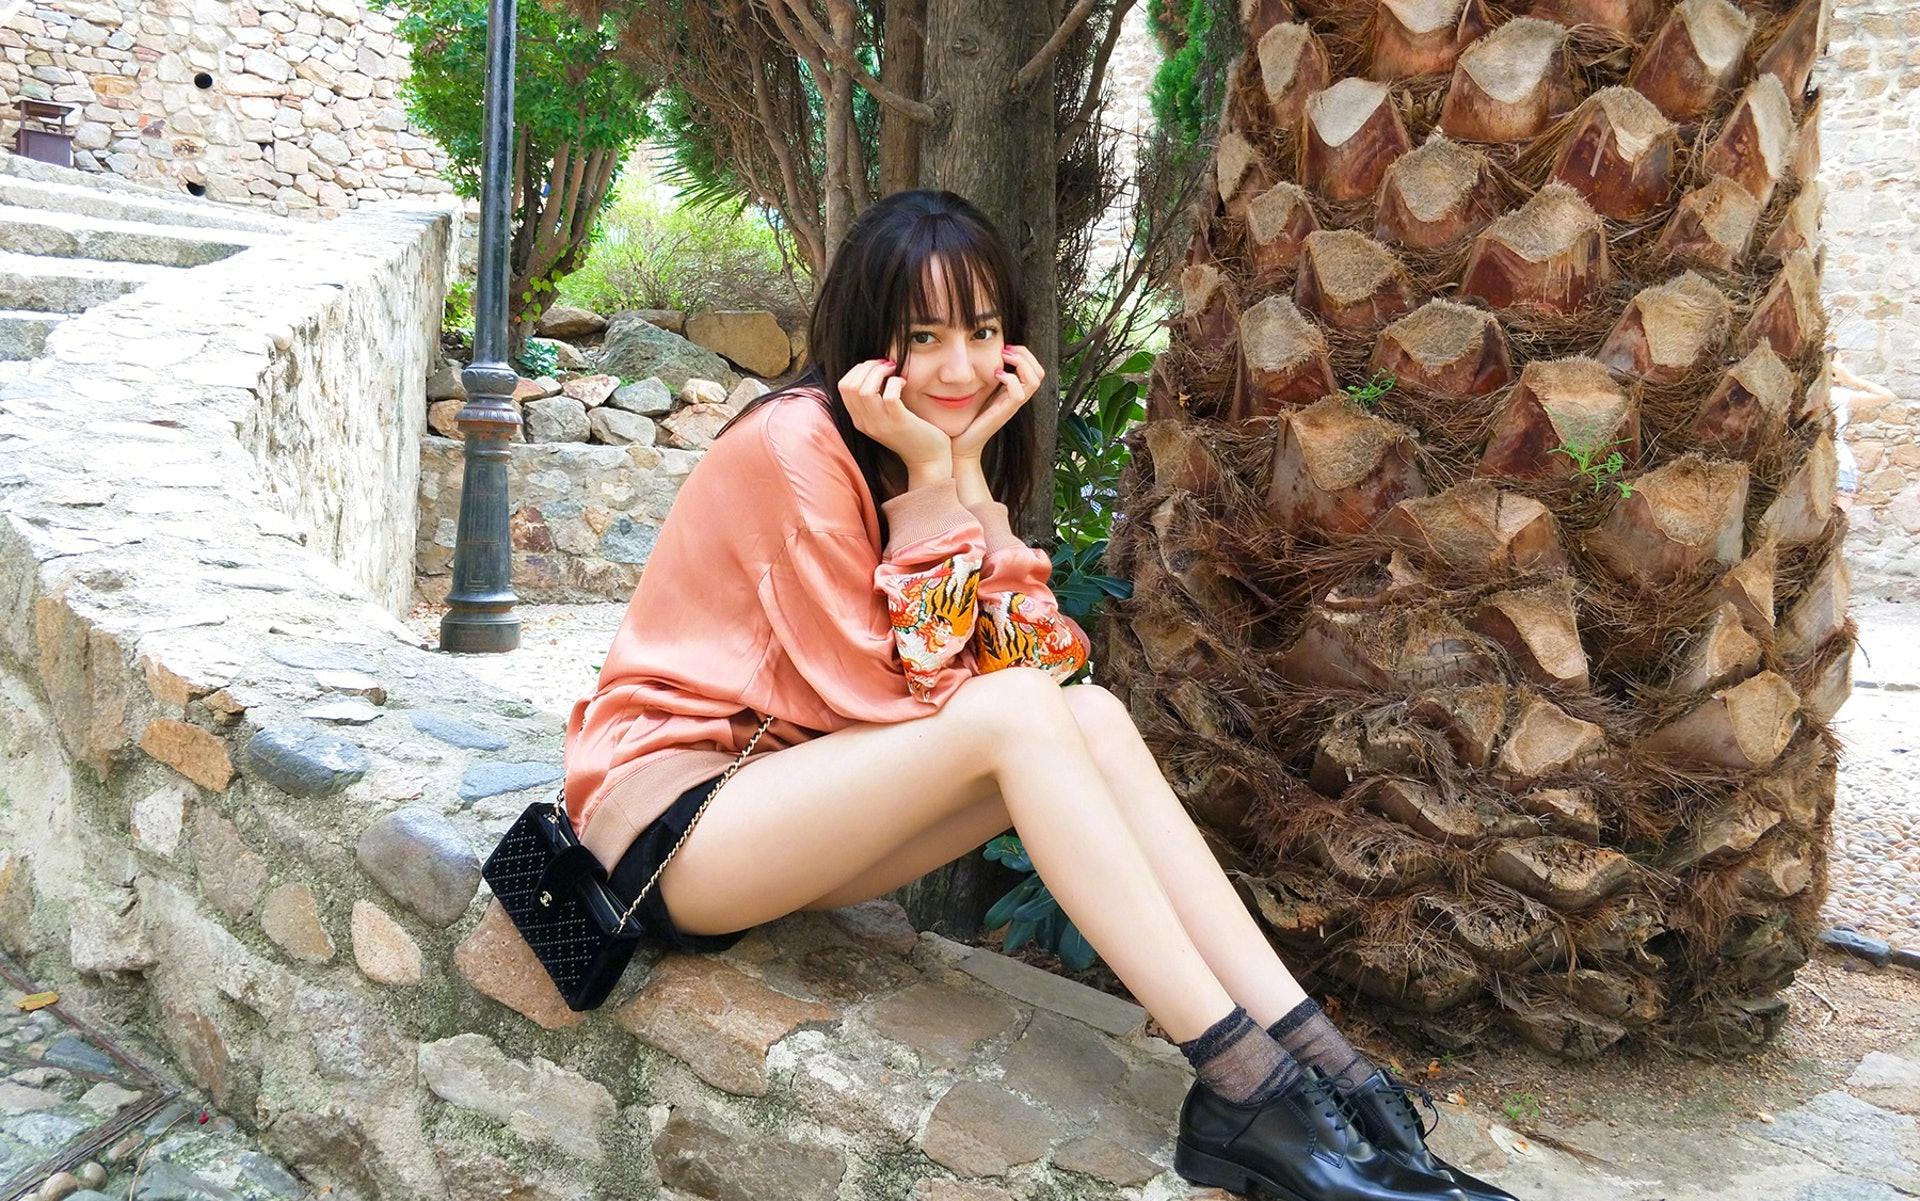 日本網民盛讚熱巴的美貌是「中國最美麗的女人」。(網上圖片)